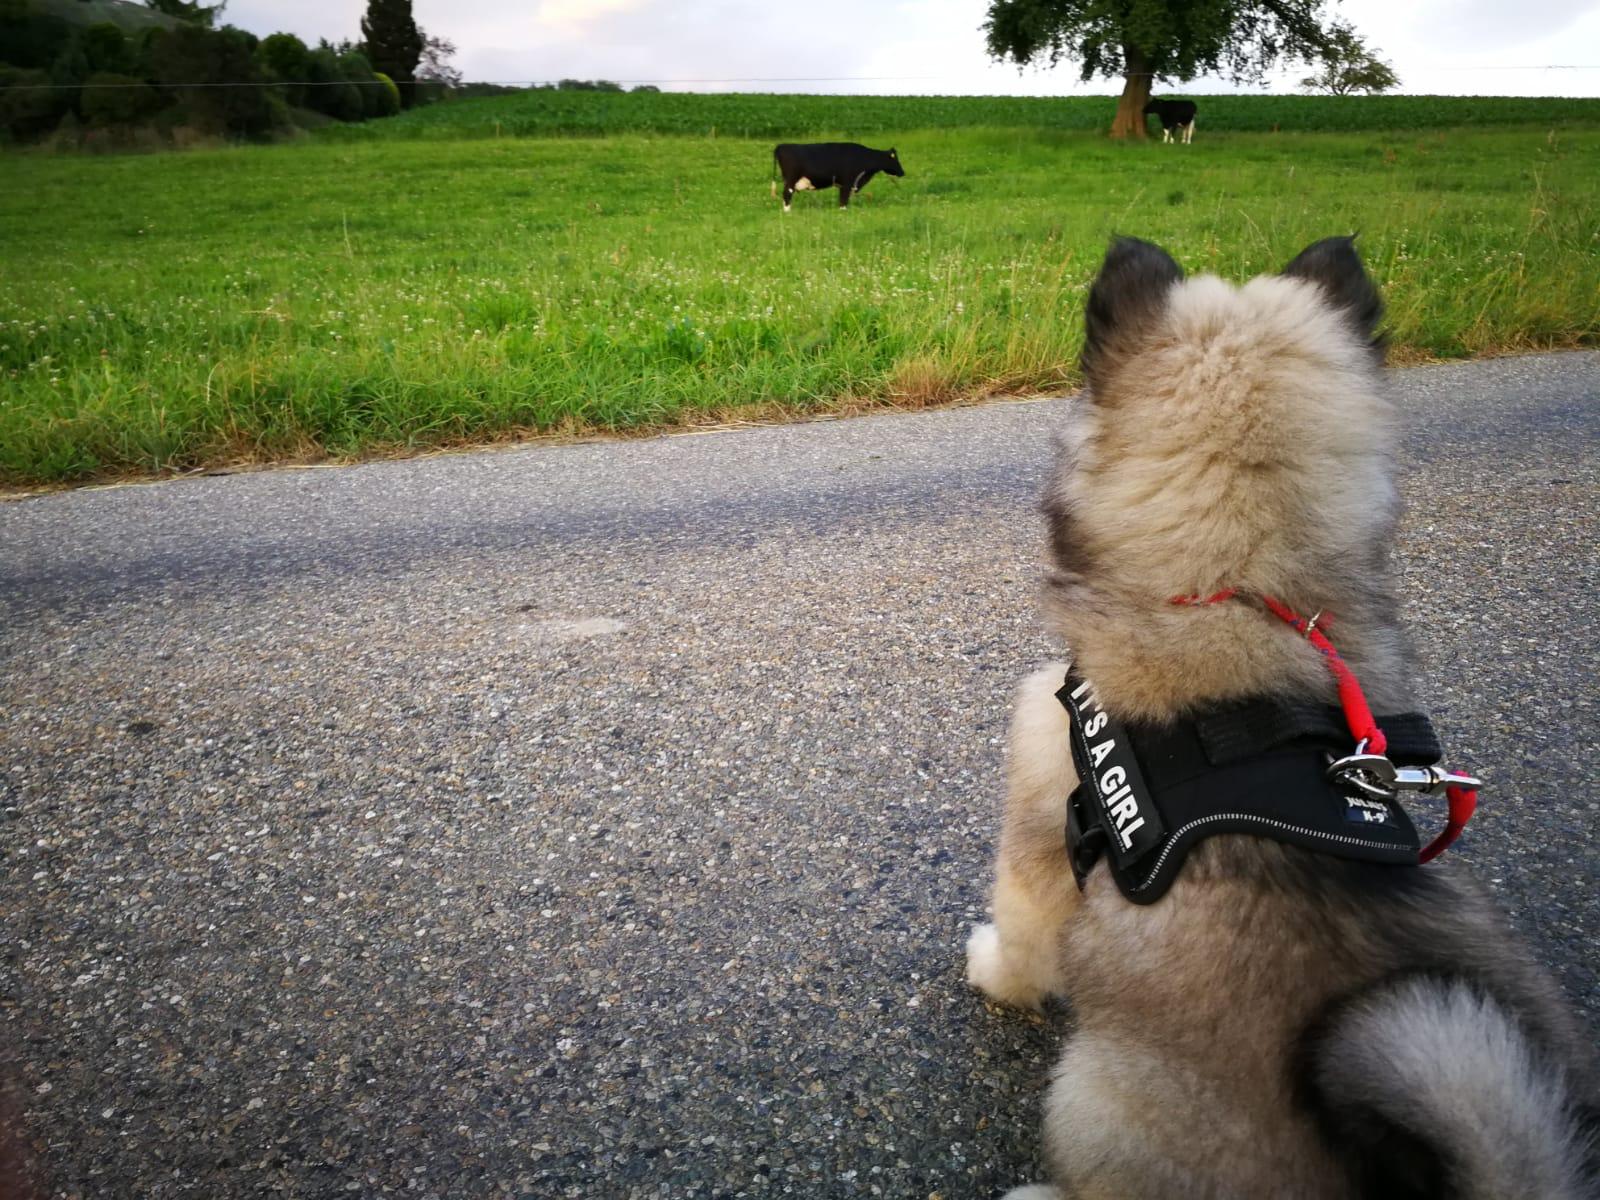 Alasca_sieht_zum_ersten_Mal_Kühe